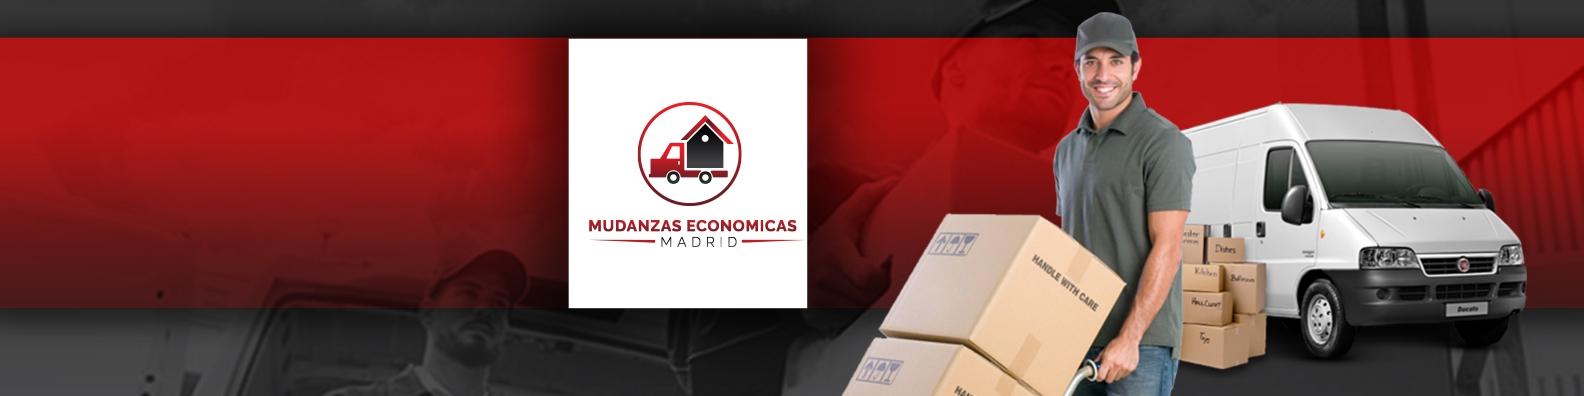 Constantin Cofariu (@mudanzaseconomicasmadrid) Cover Image